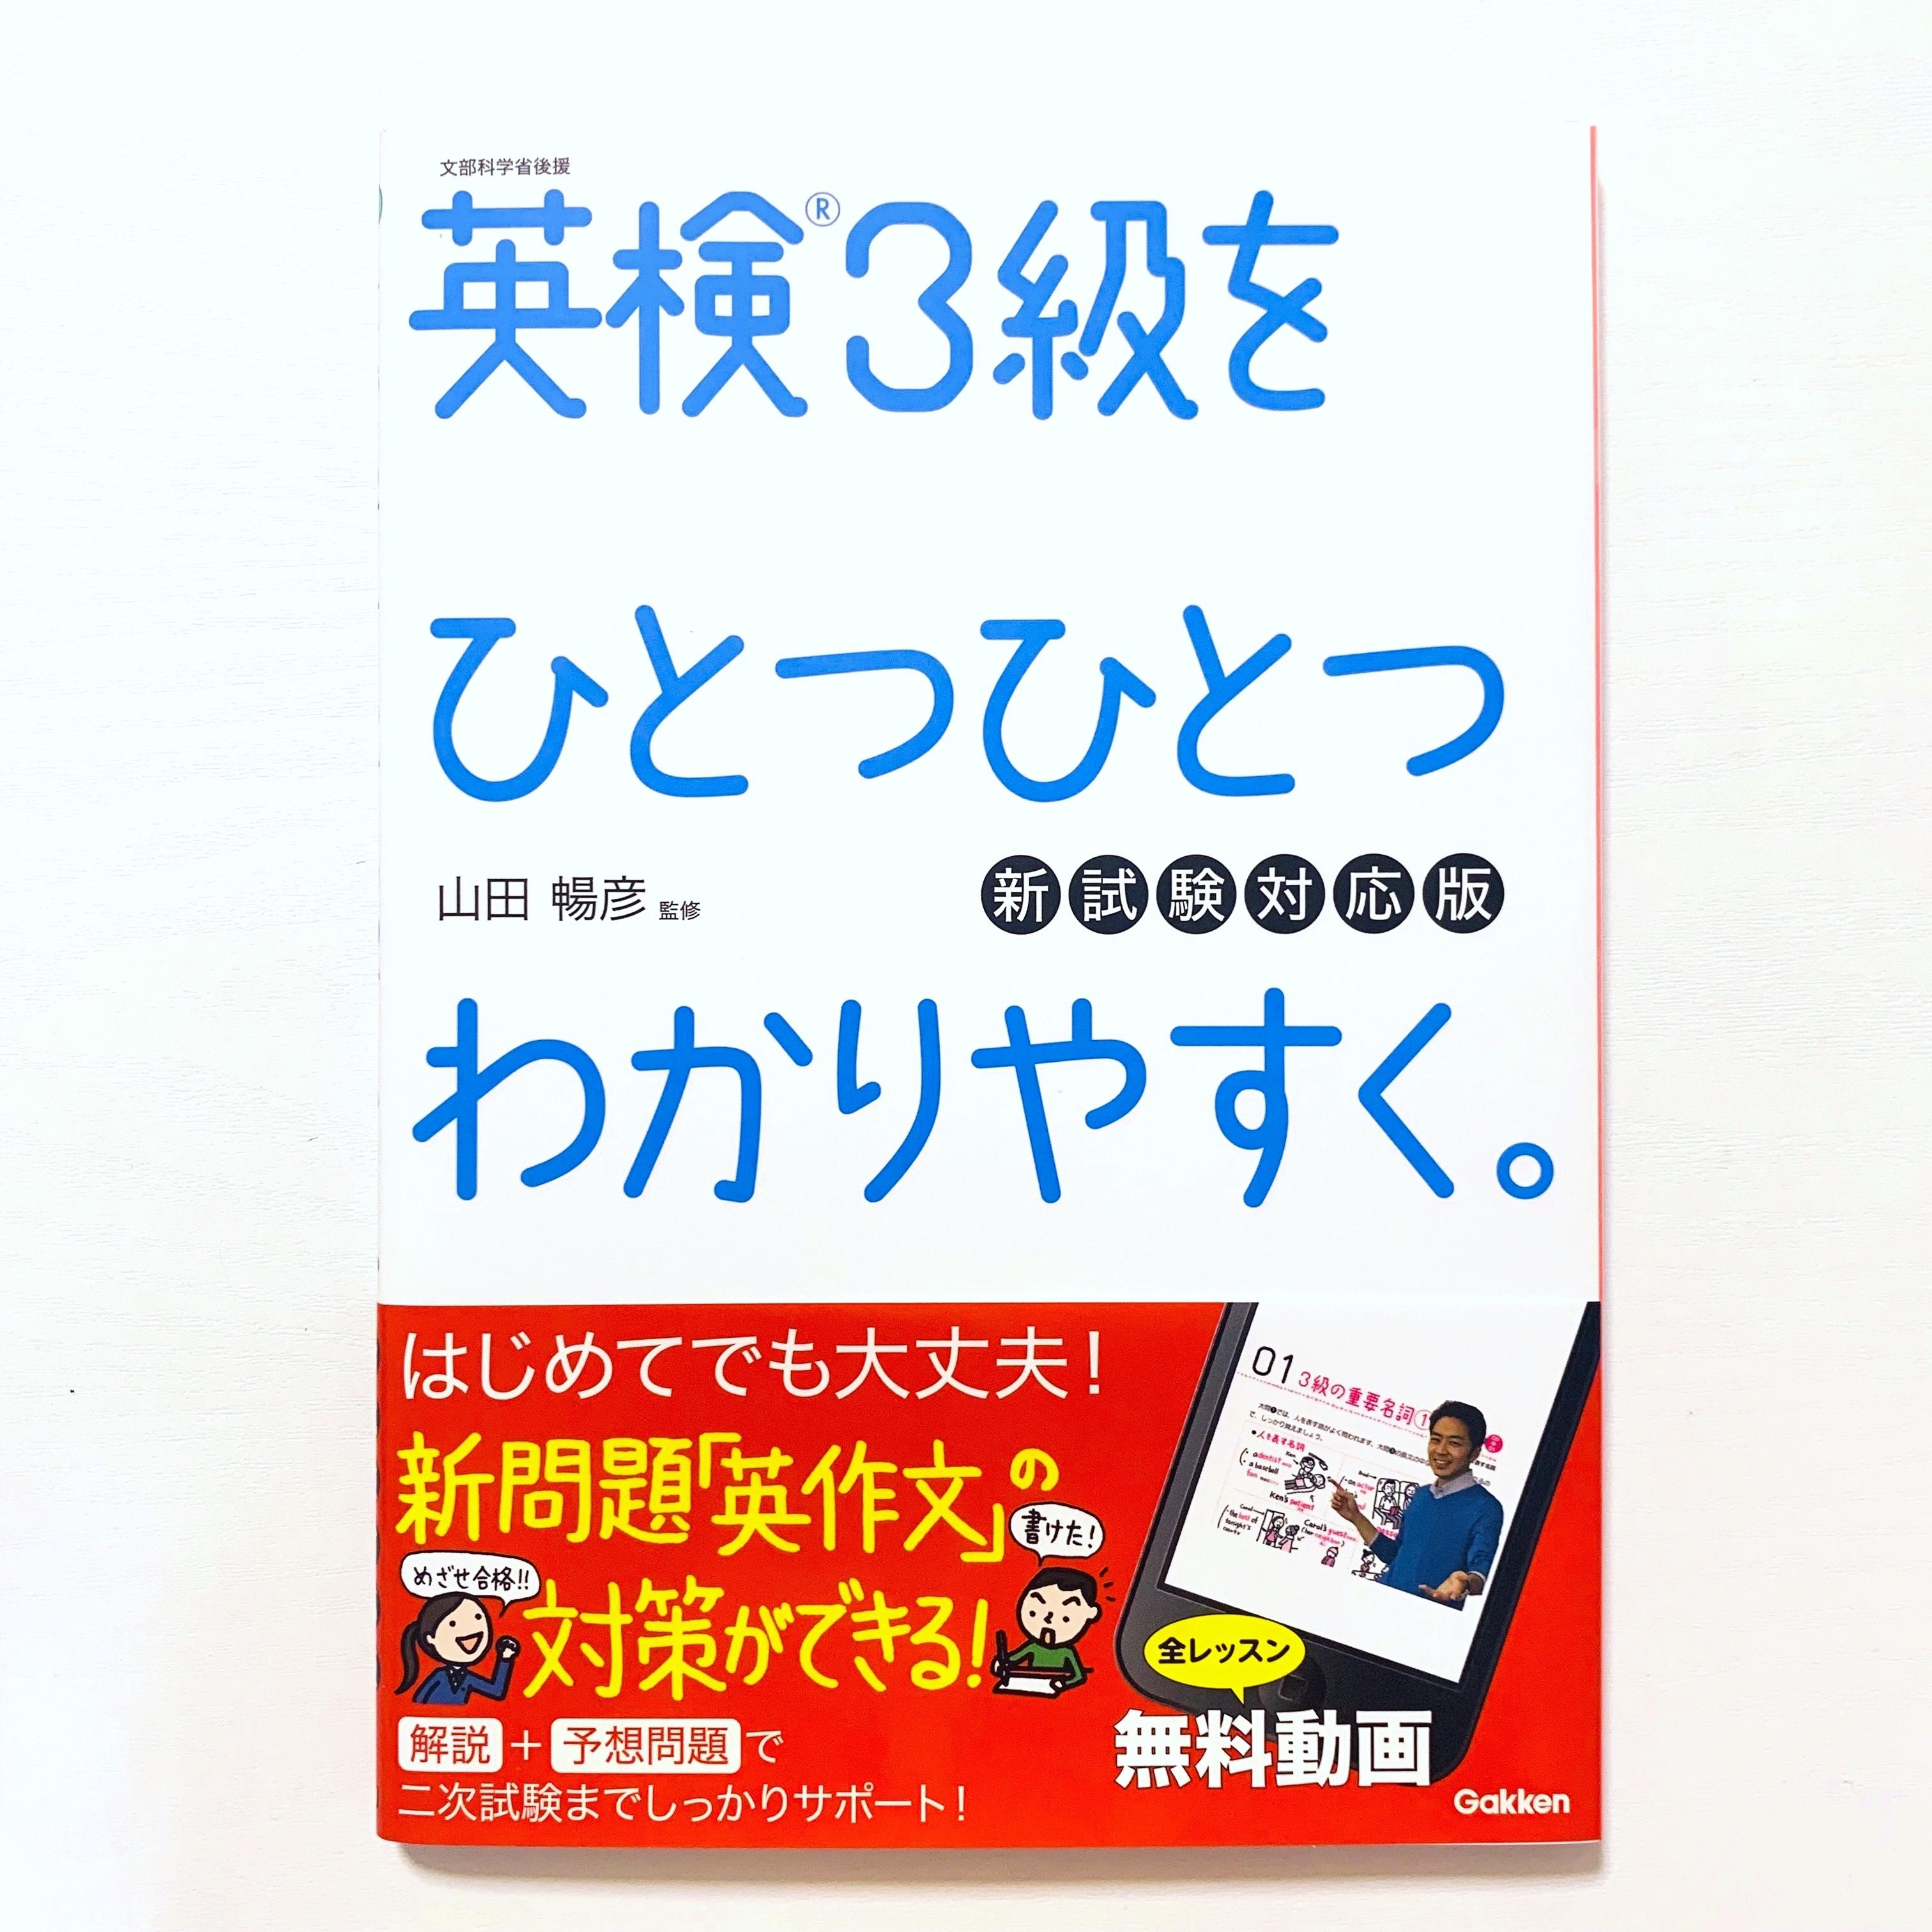 ブルーハウス沖縄英会話教室 | Blue House Okinawa Japanese School